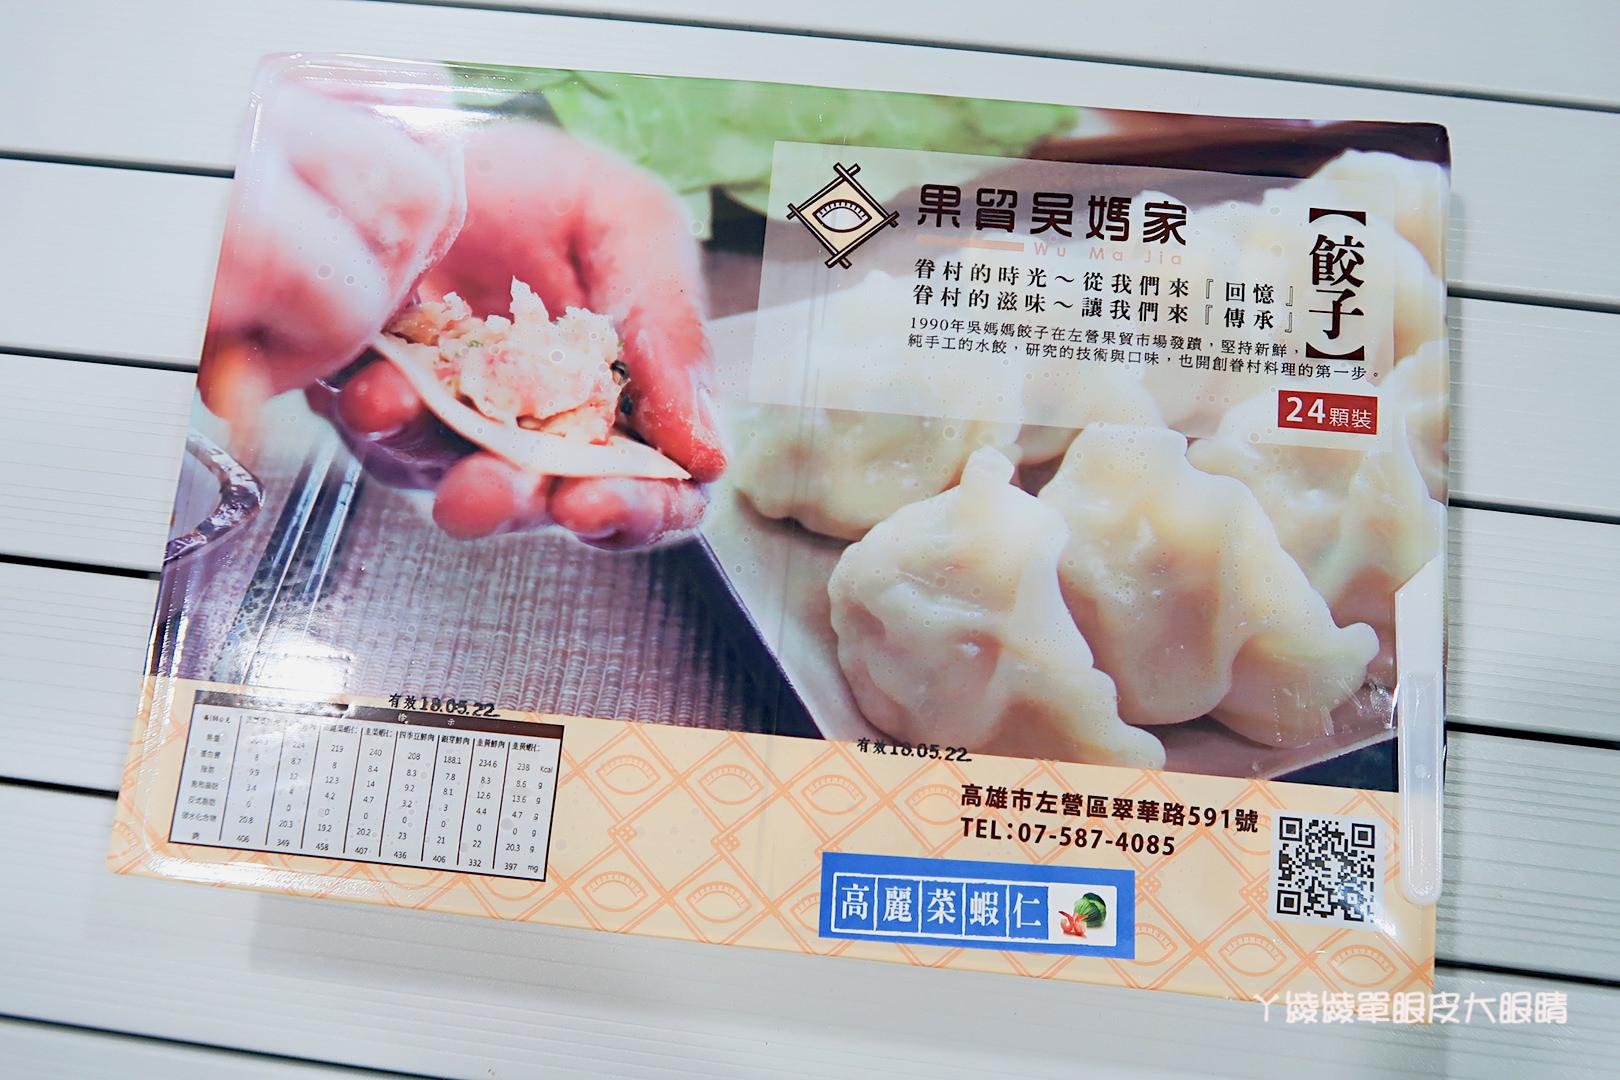 果貿吳媽家餃子|飽滿又多汁的水餃,團購宅配人氣商品在這!